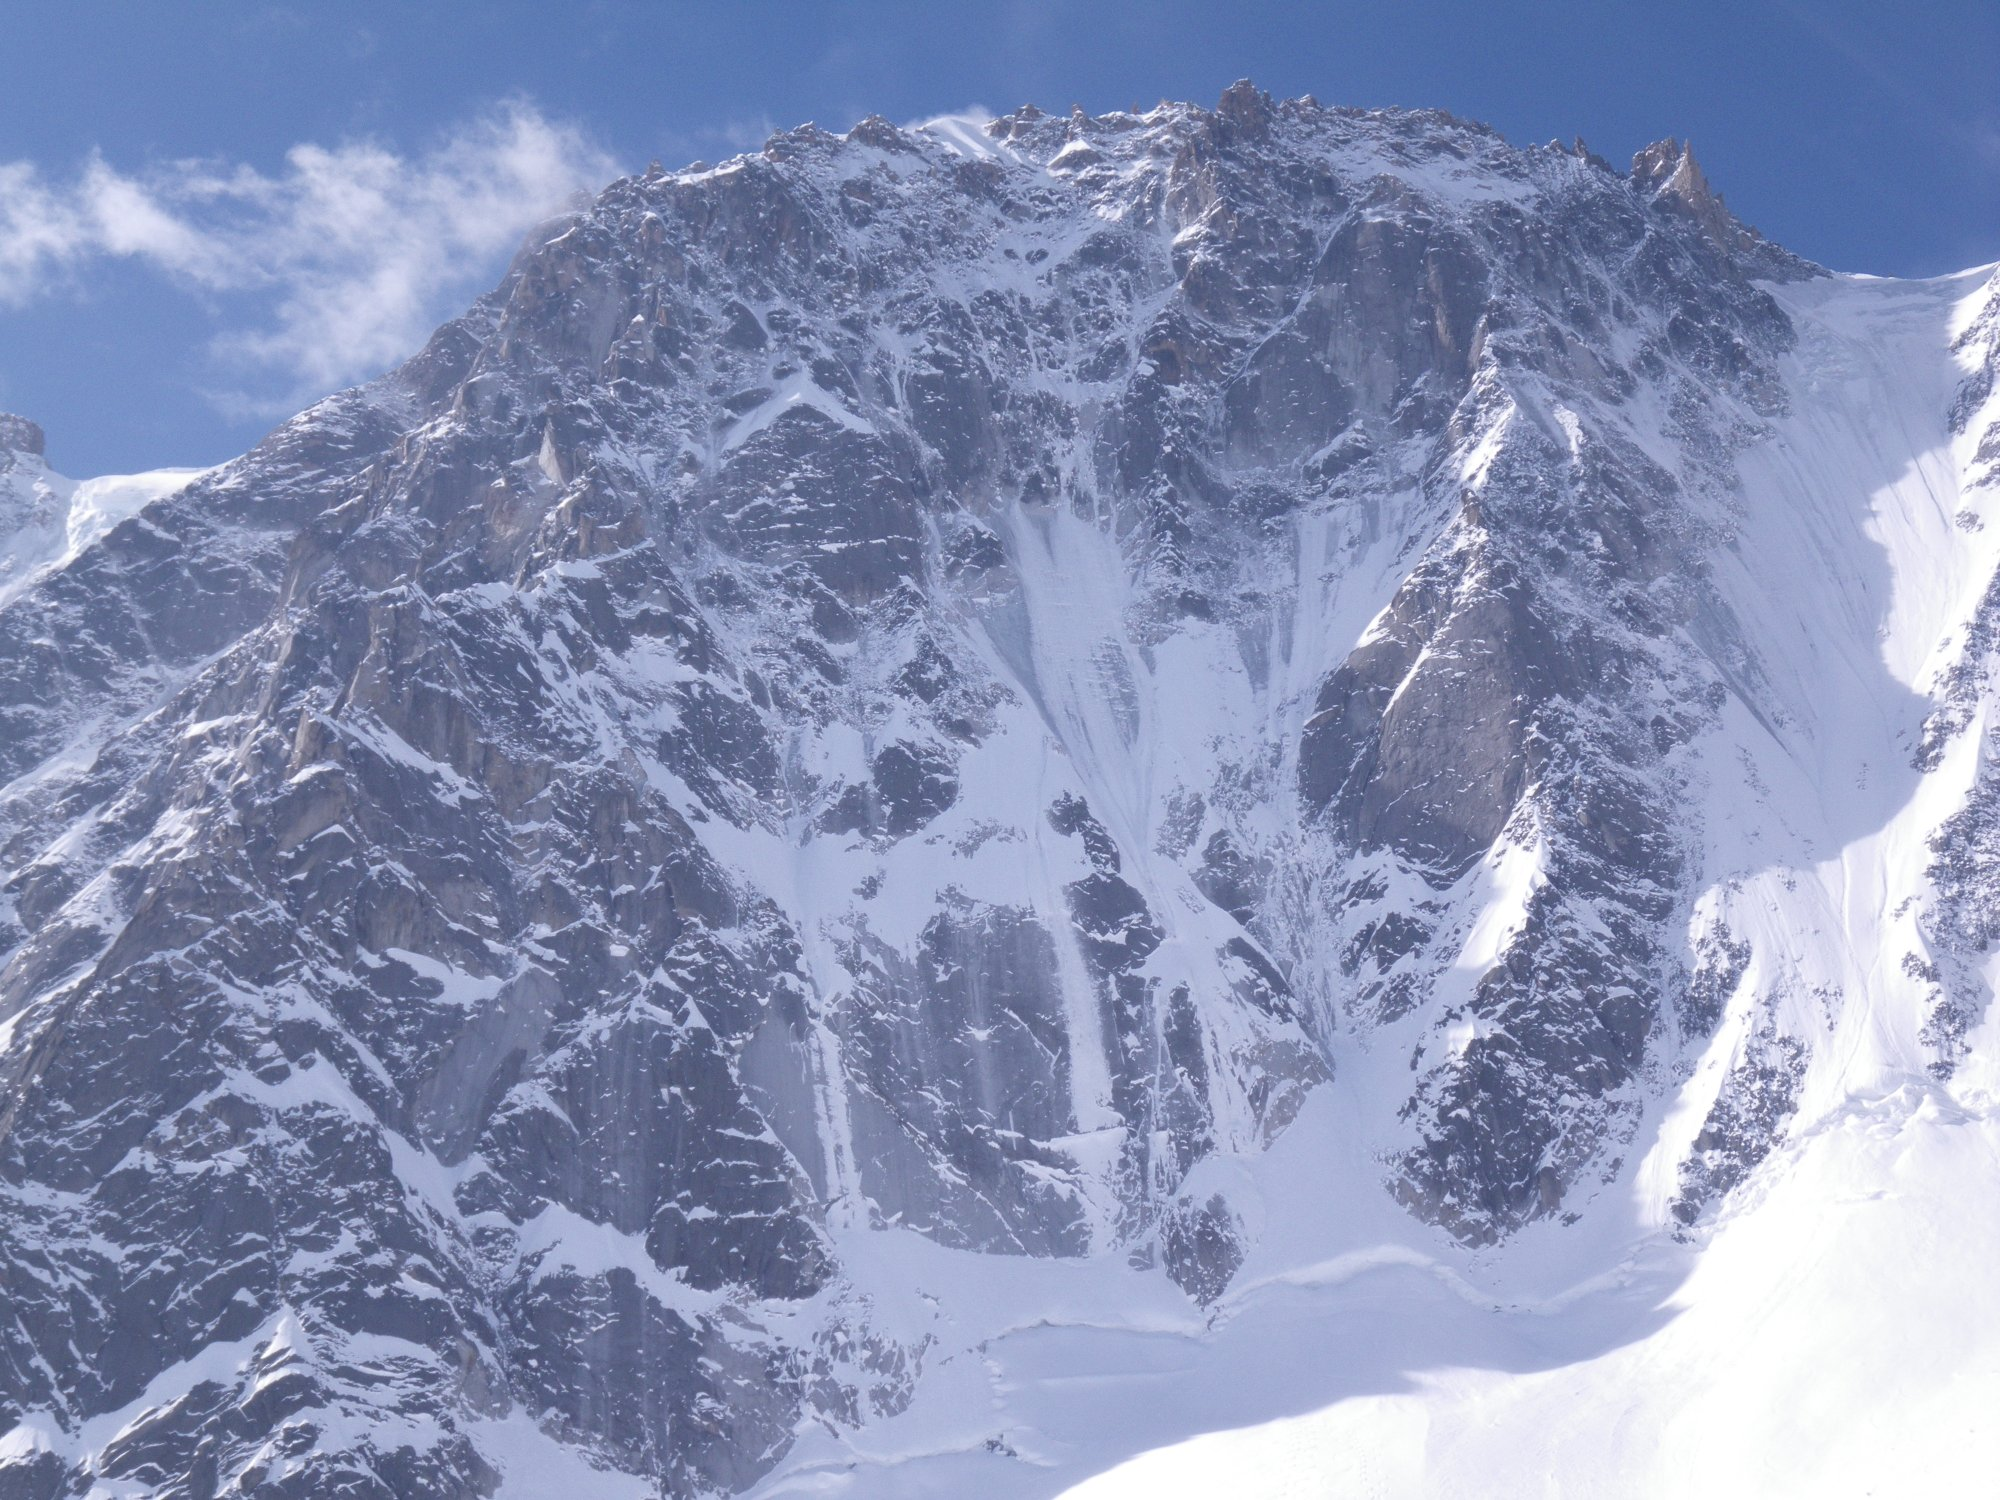 Les Grands Montets Chamonix Mont Blanc France